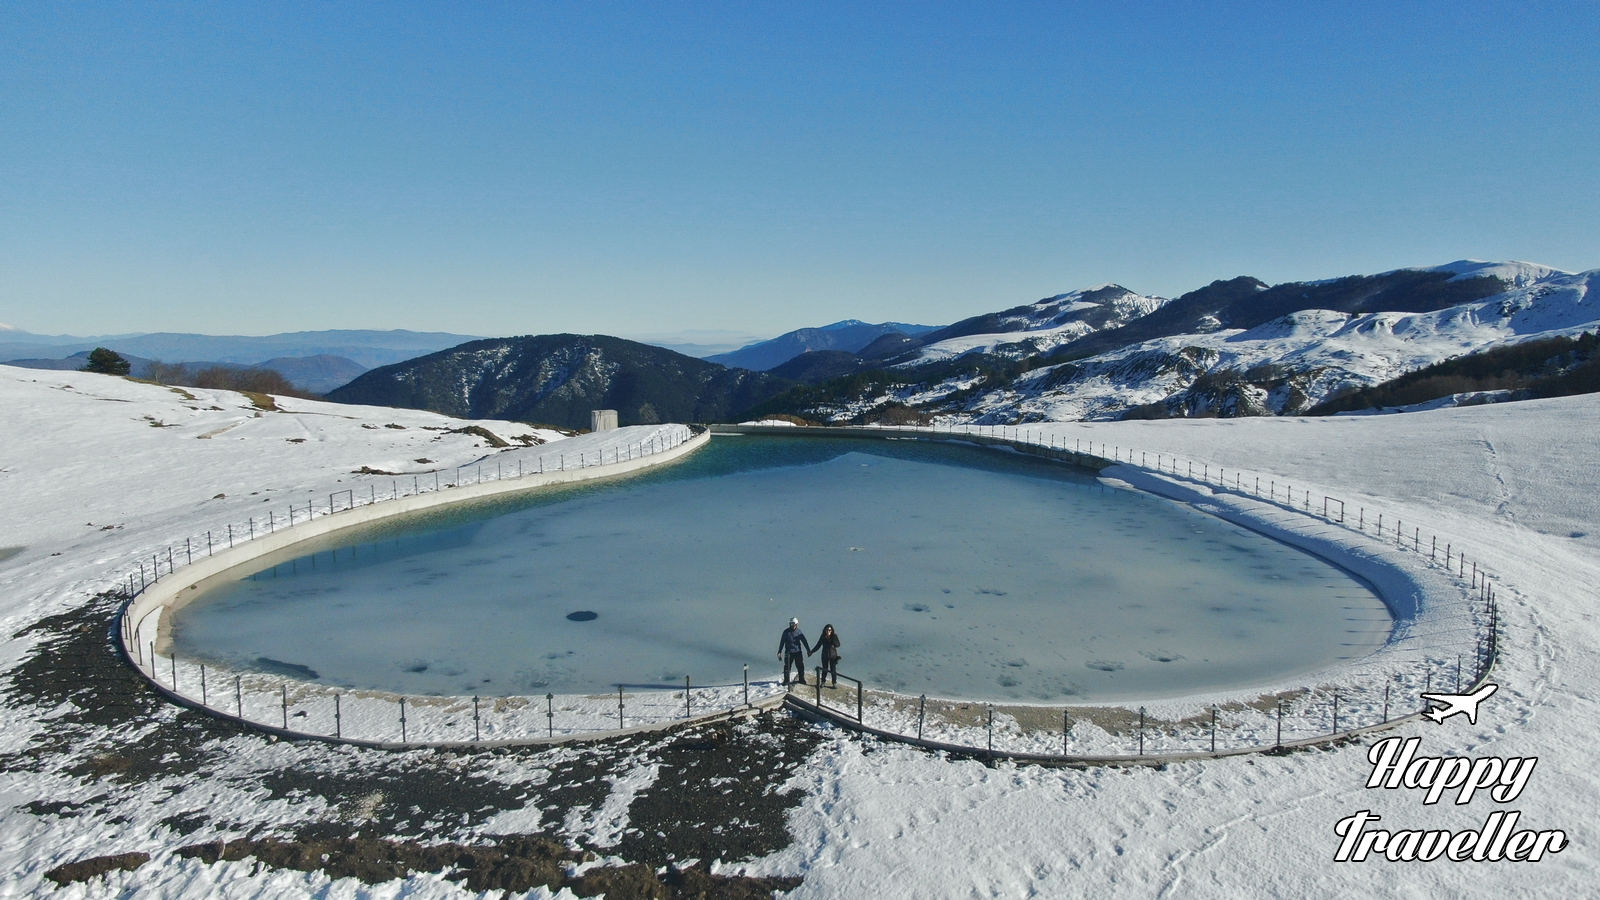 Στο Χιονοδρομικό Κέντρο Ανηλίου - Μετσόβου υπάρχει μια παγωμένη ...